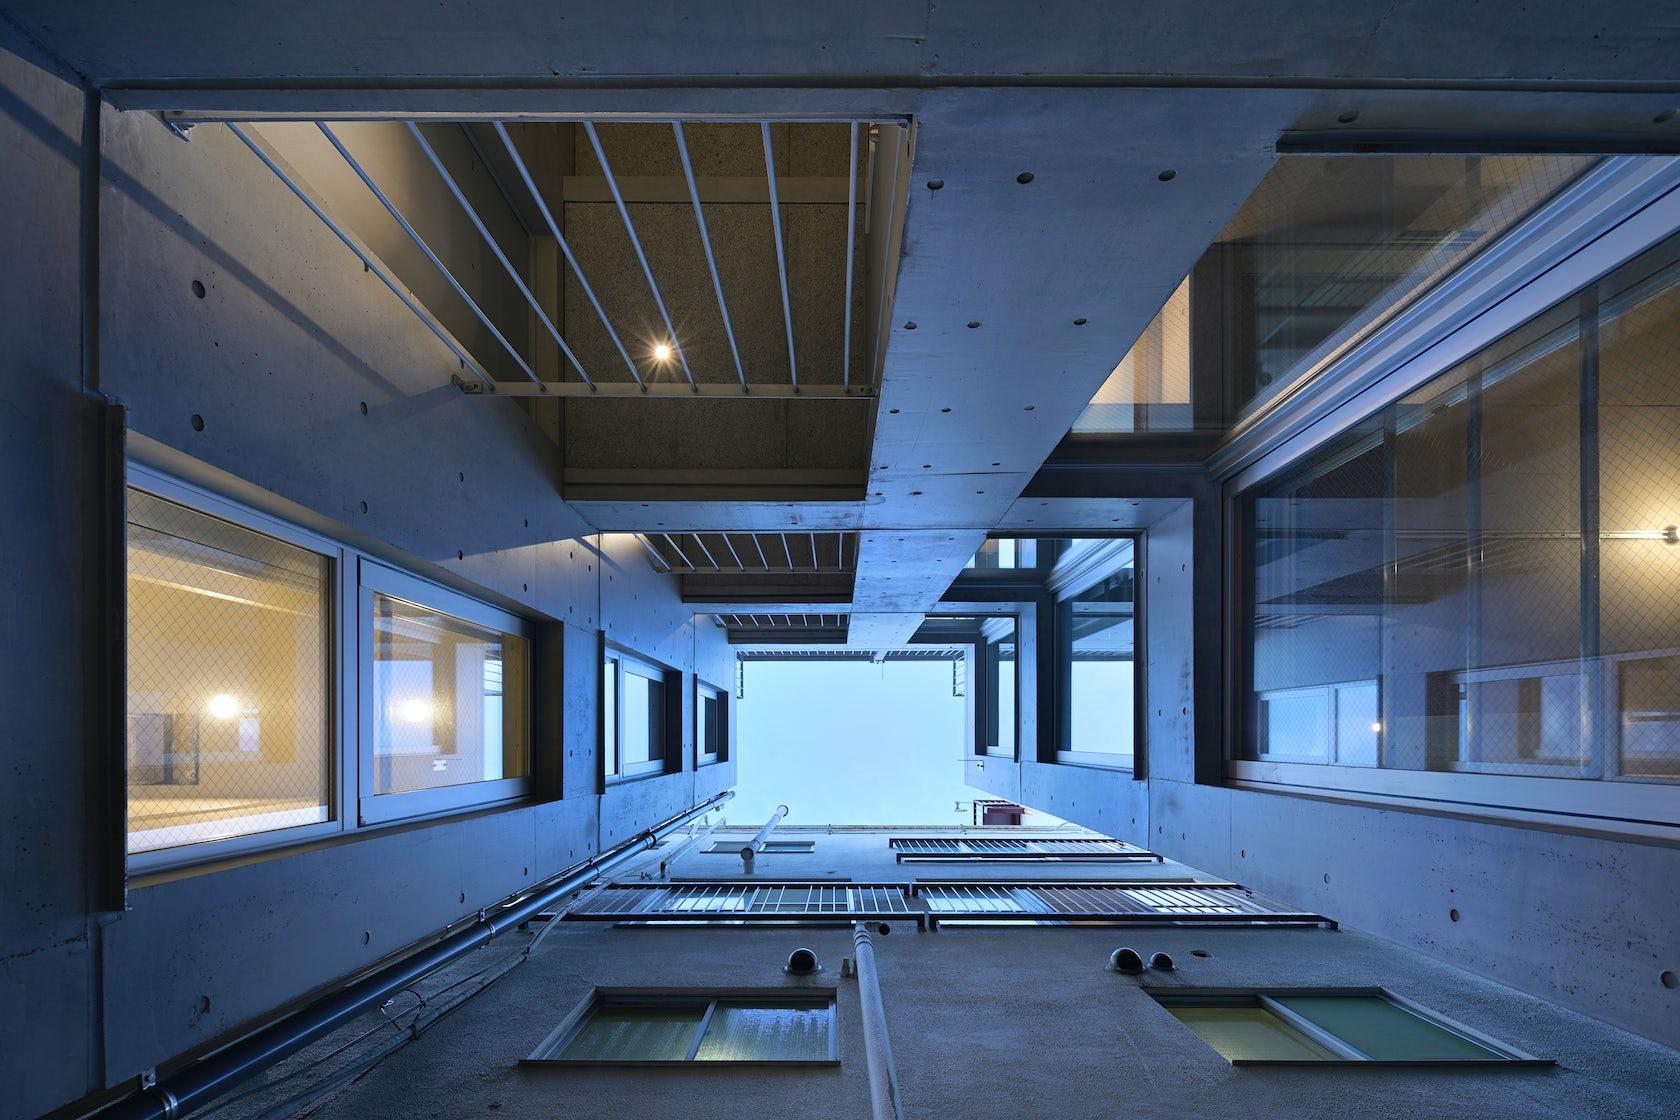 © Akira Koyama + KEY OPERATION INC. / ARCHITECTS